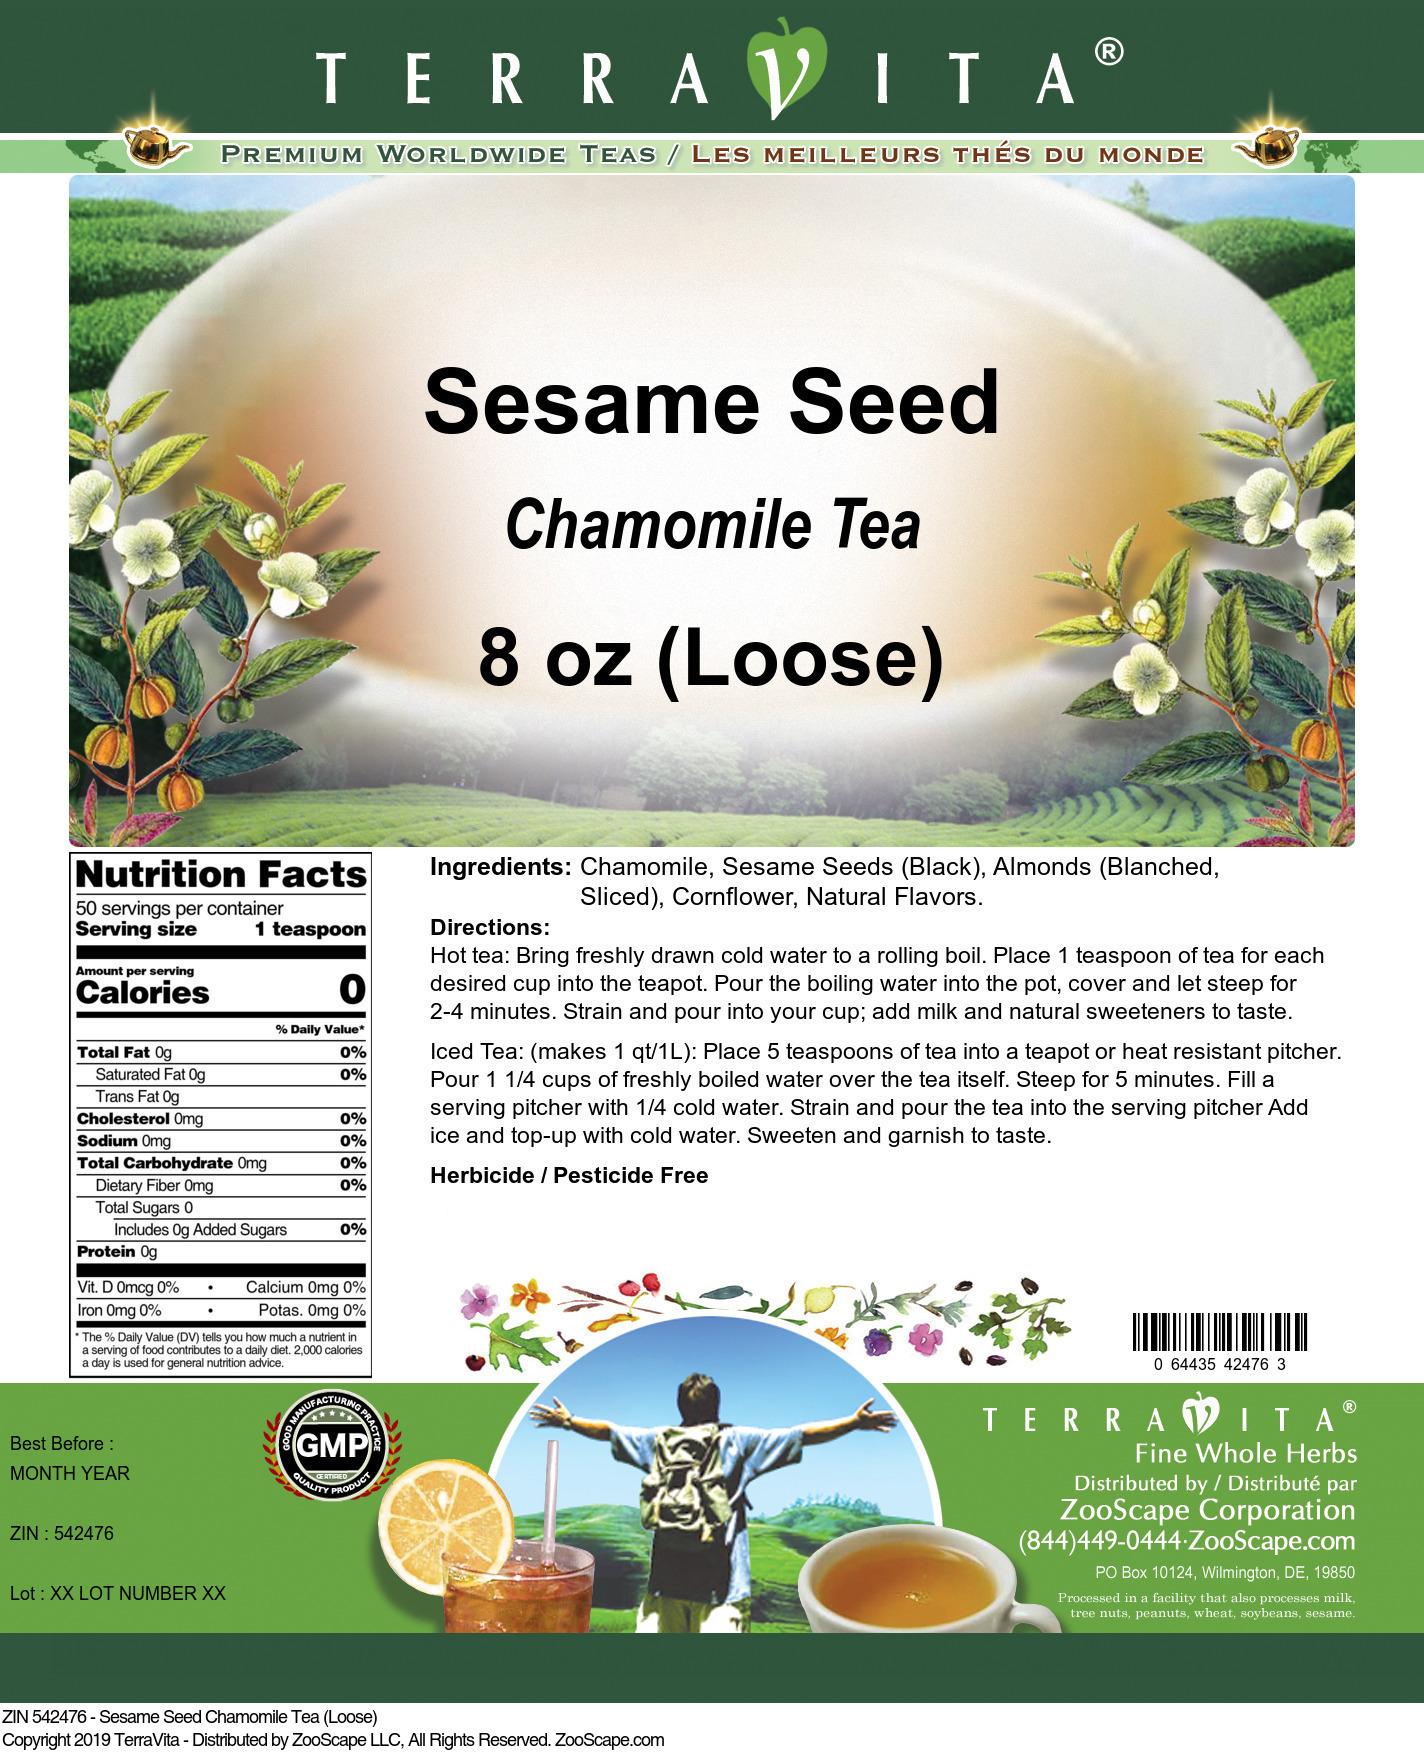 Sesame Seed Chamomile Tea (Loose)